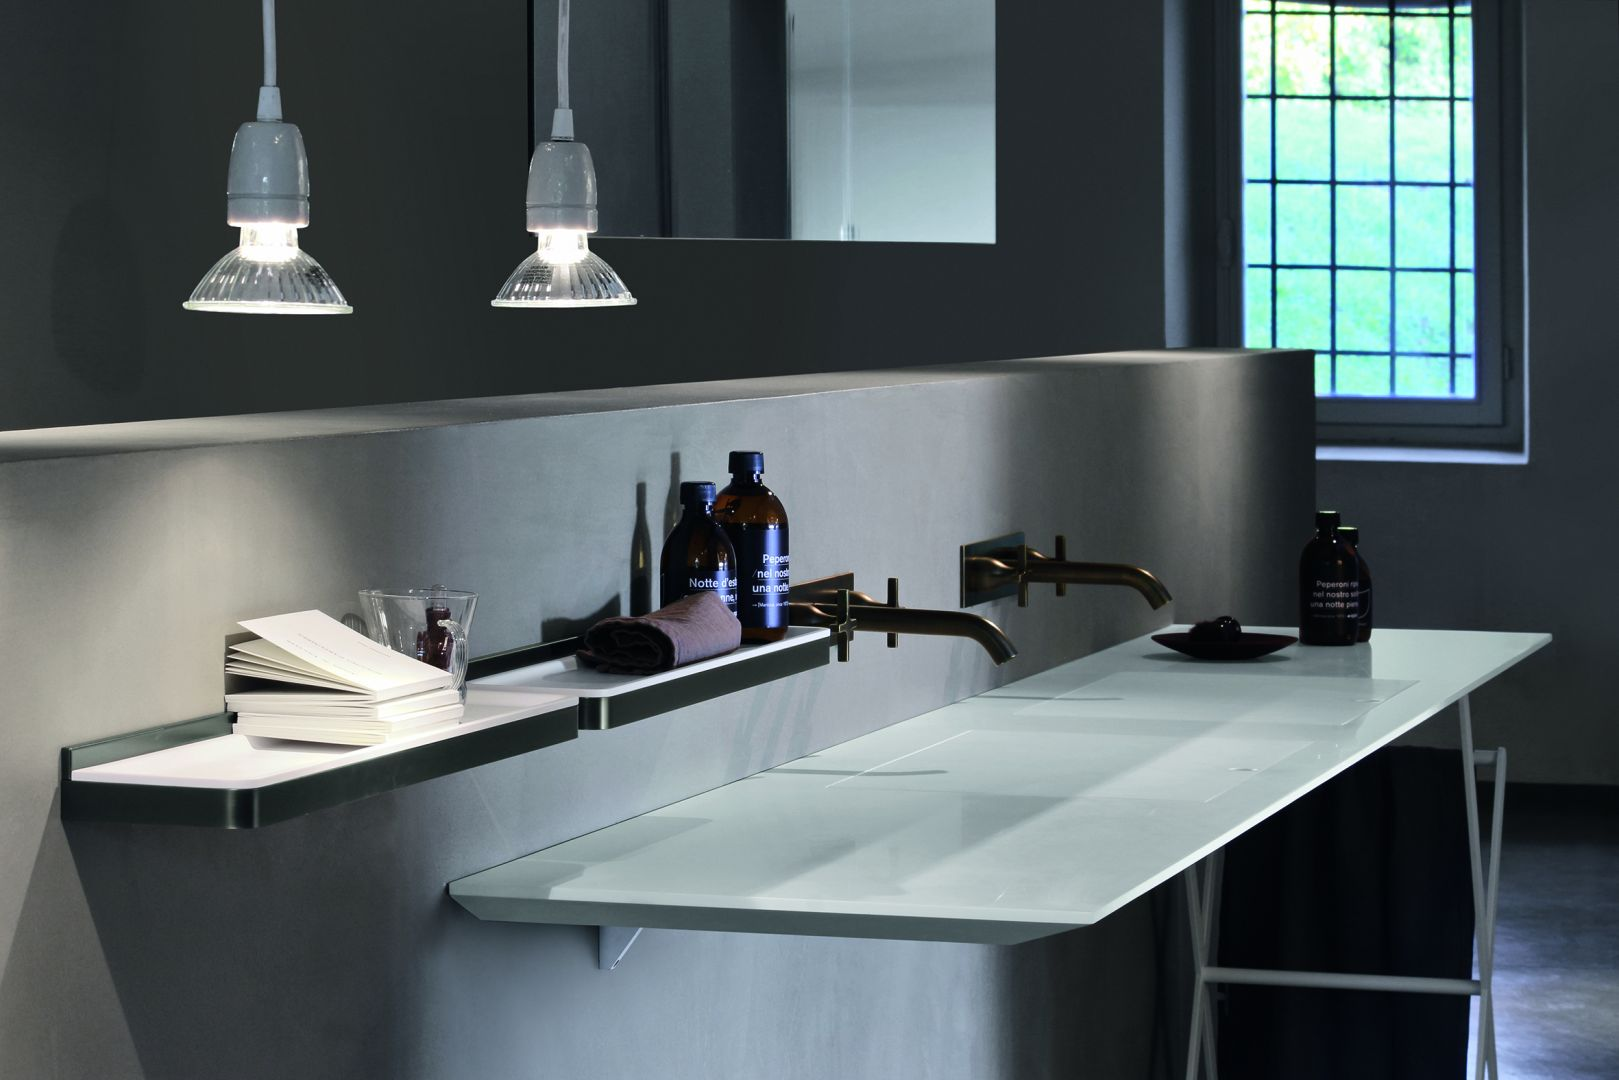 Cienkie umywalki i blat w jednym produkcie z programu EII marki Agape. Fot. Agape